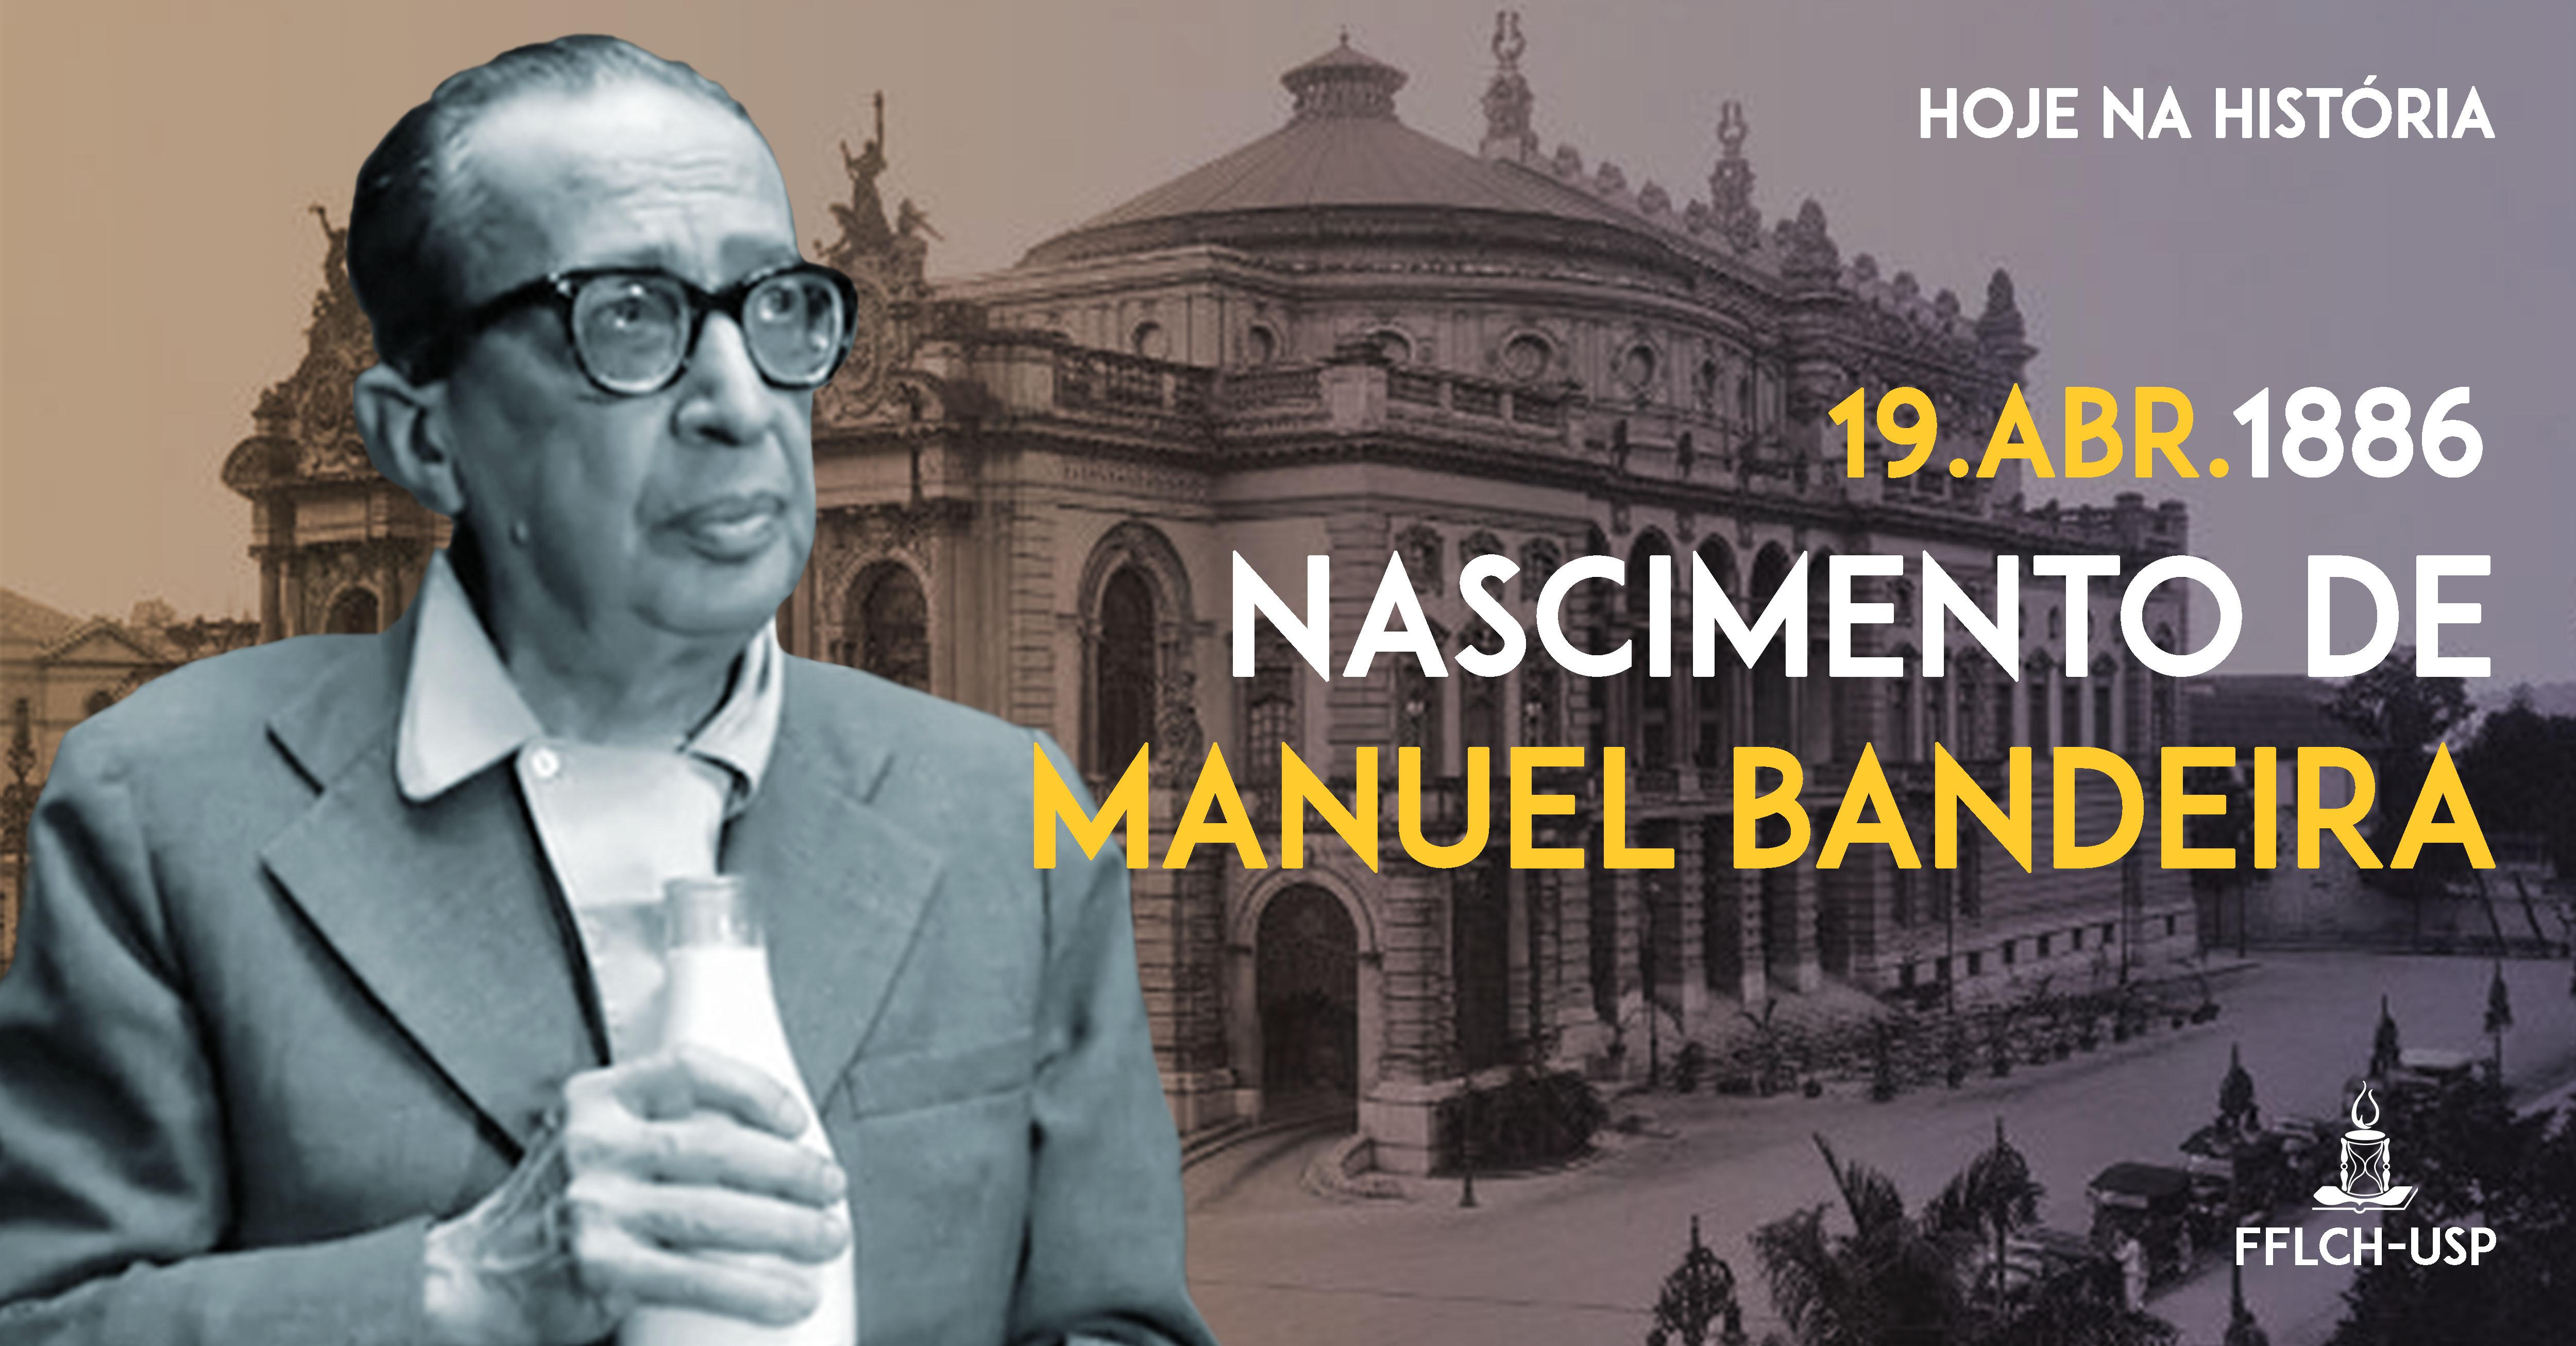 Nascimento de Manuel Bandeira